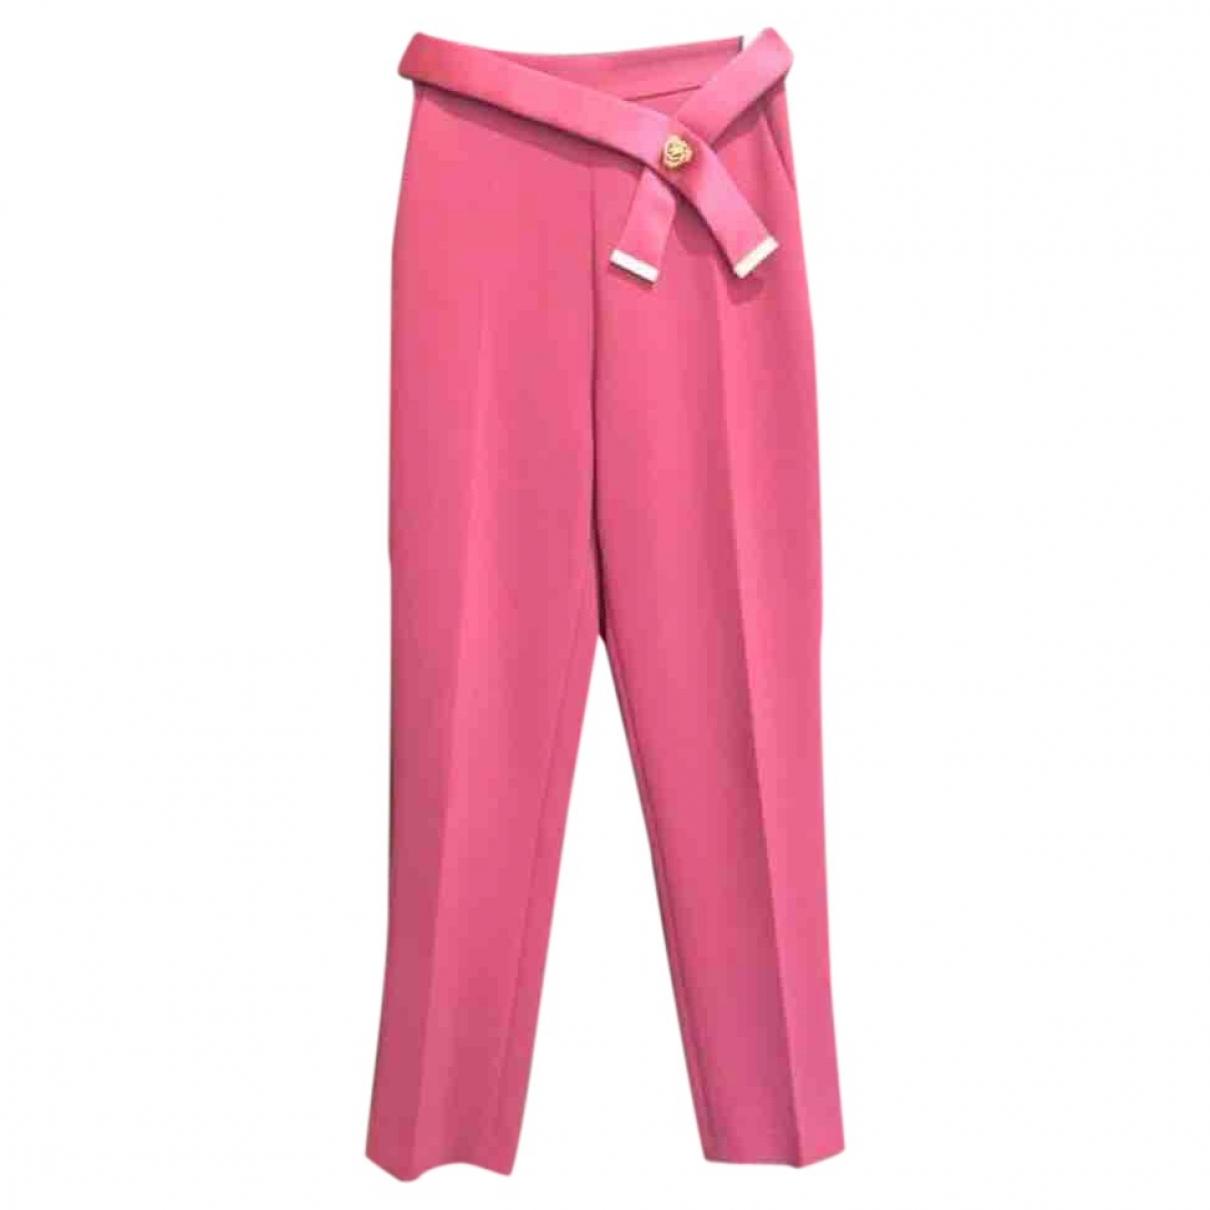 Elisabetta Franchi \N Trousers for Women 38 IT